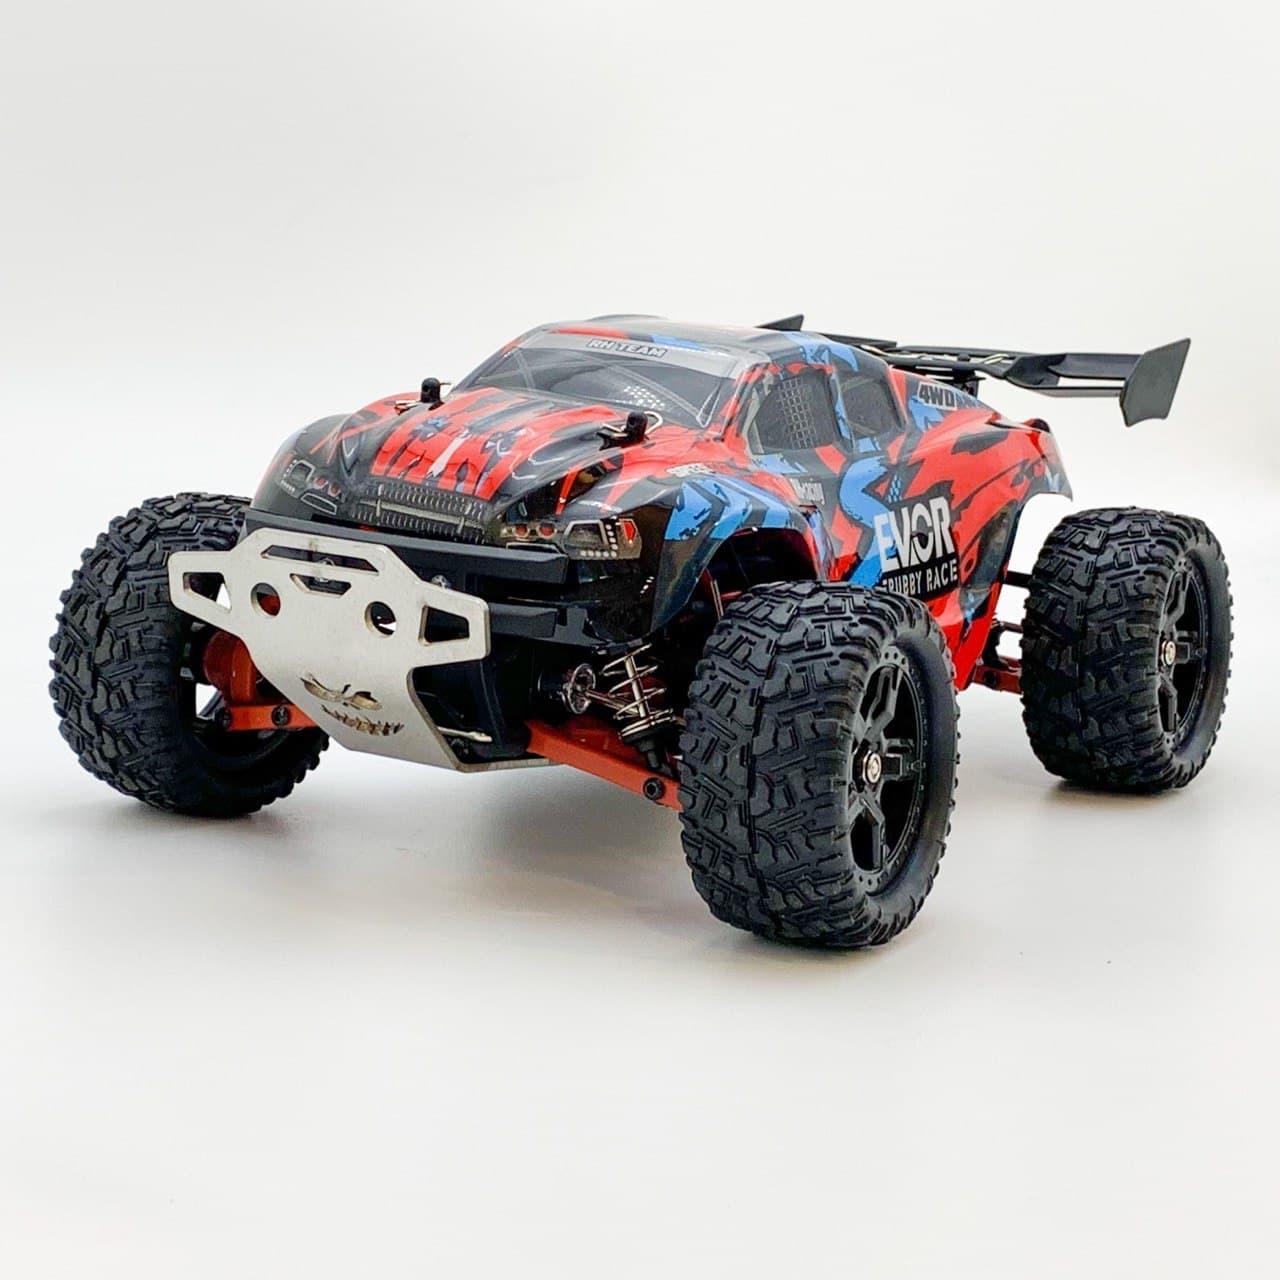 Радиоуправляемый монстр Remo Hobby 1/16 S-Evor v2 RH1661UPG с металлической защитой 4WD 2.4G до 50км/ч RTR